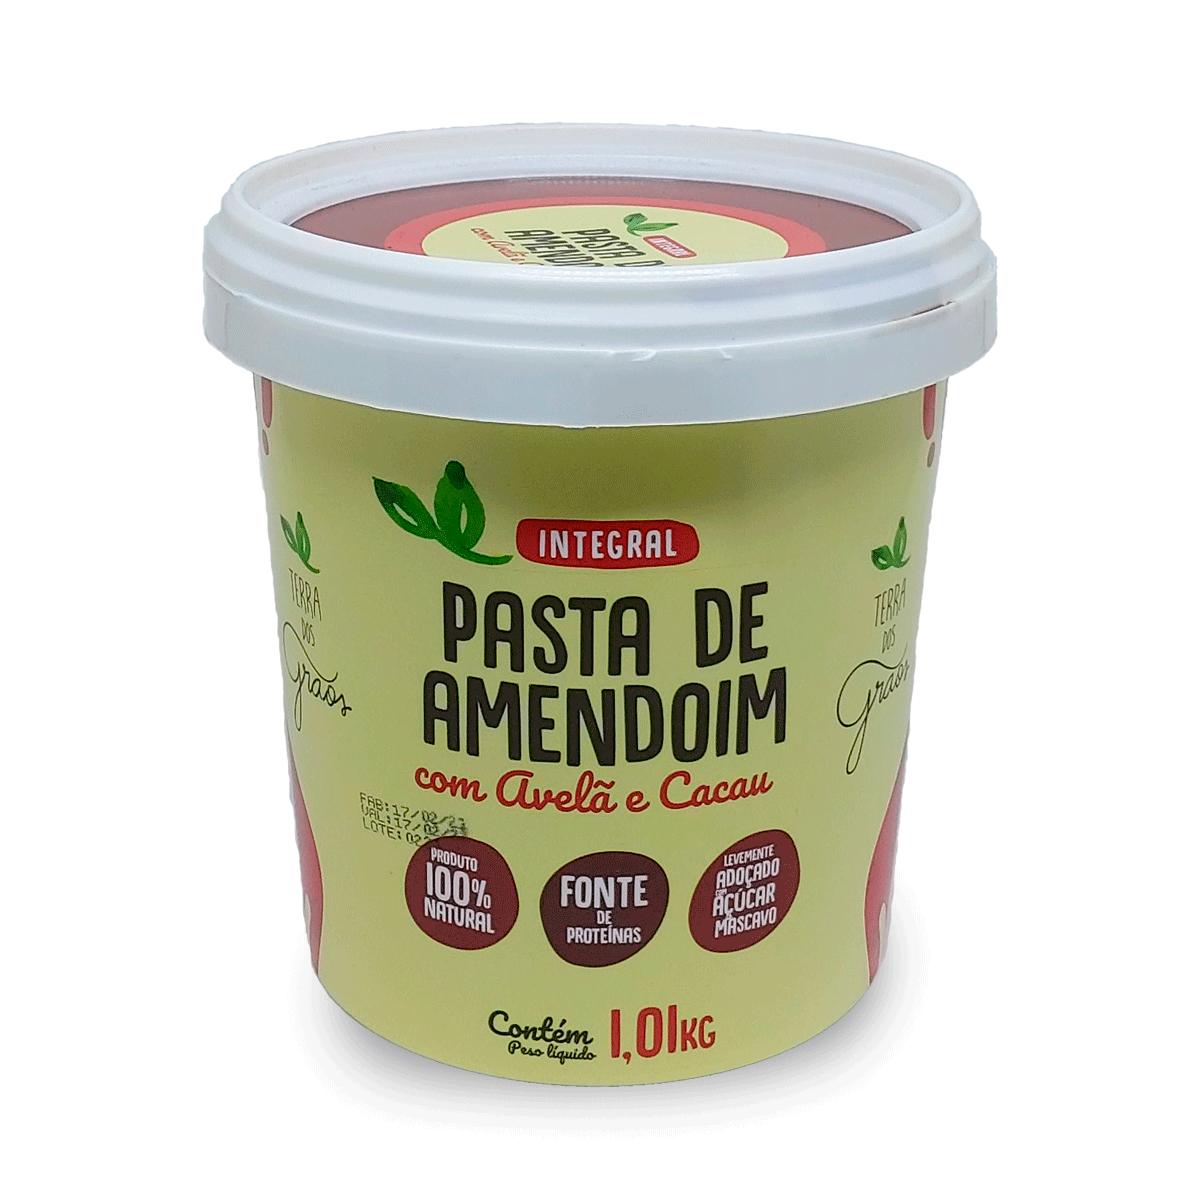 Caixa Pasta de Amedoim com Avela e Cacau 1,01kg - 8 unidades